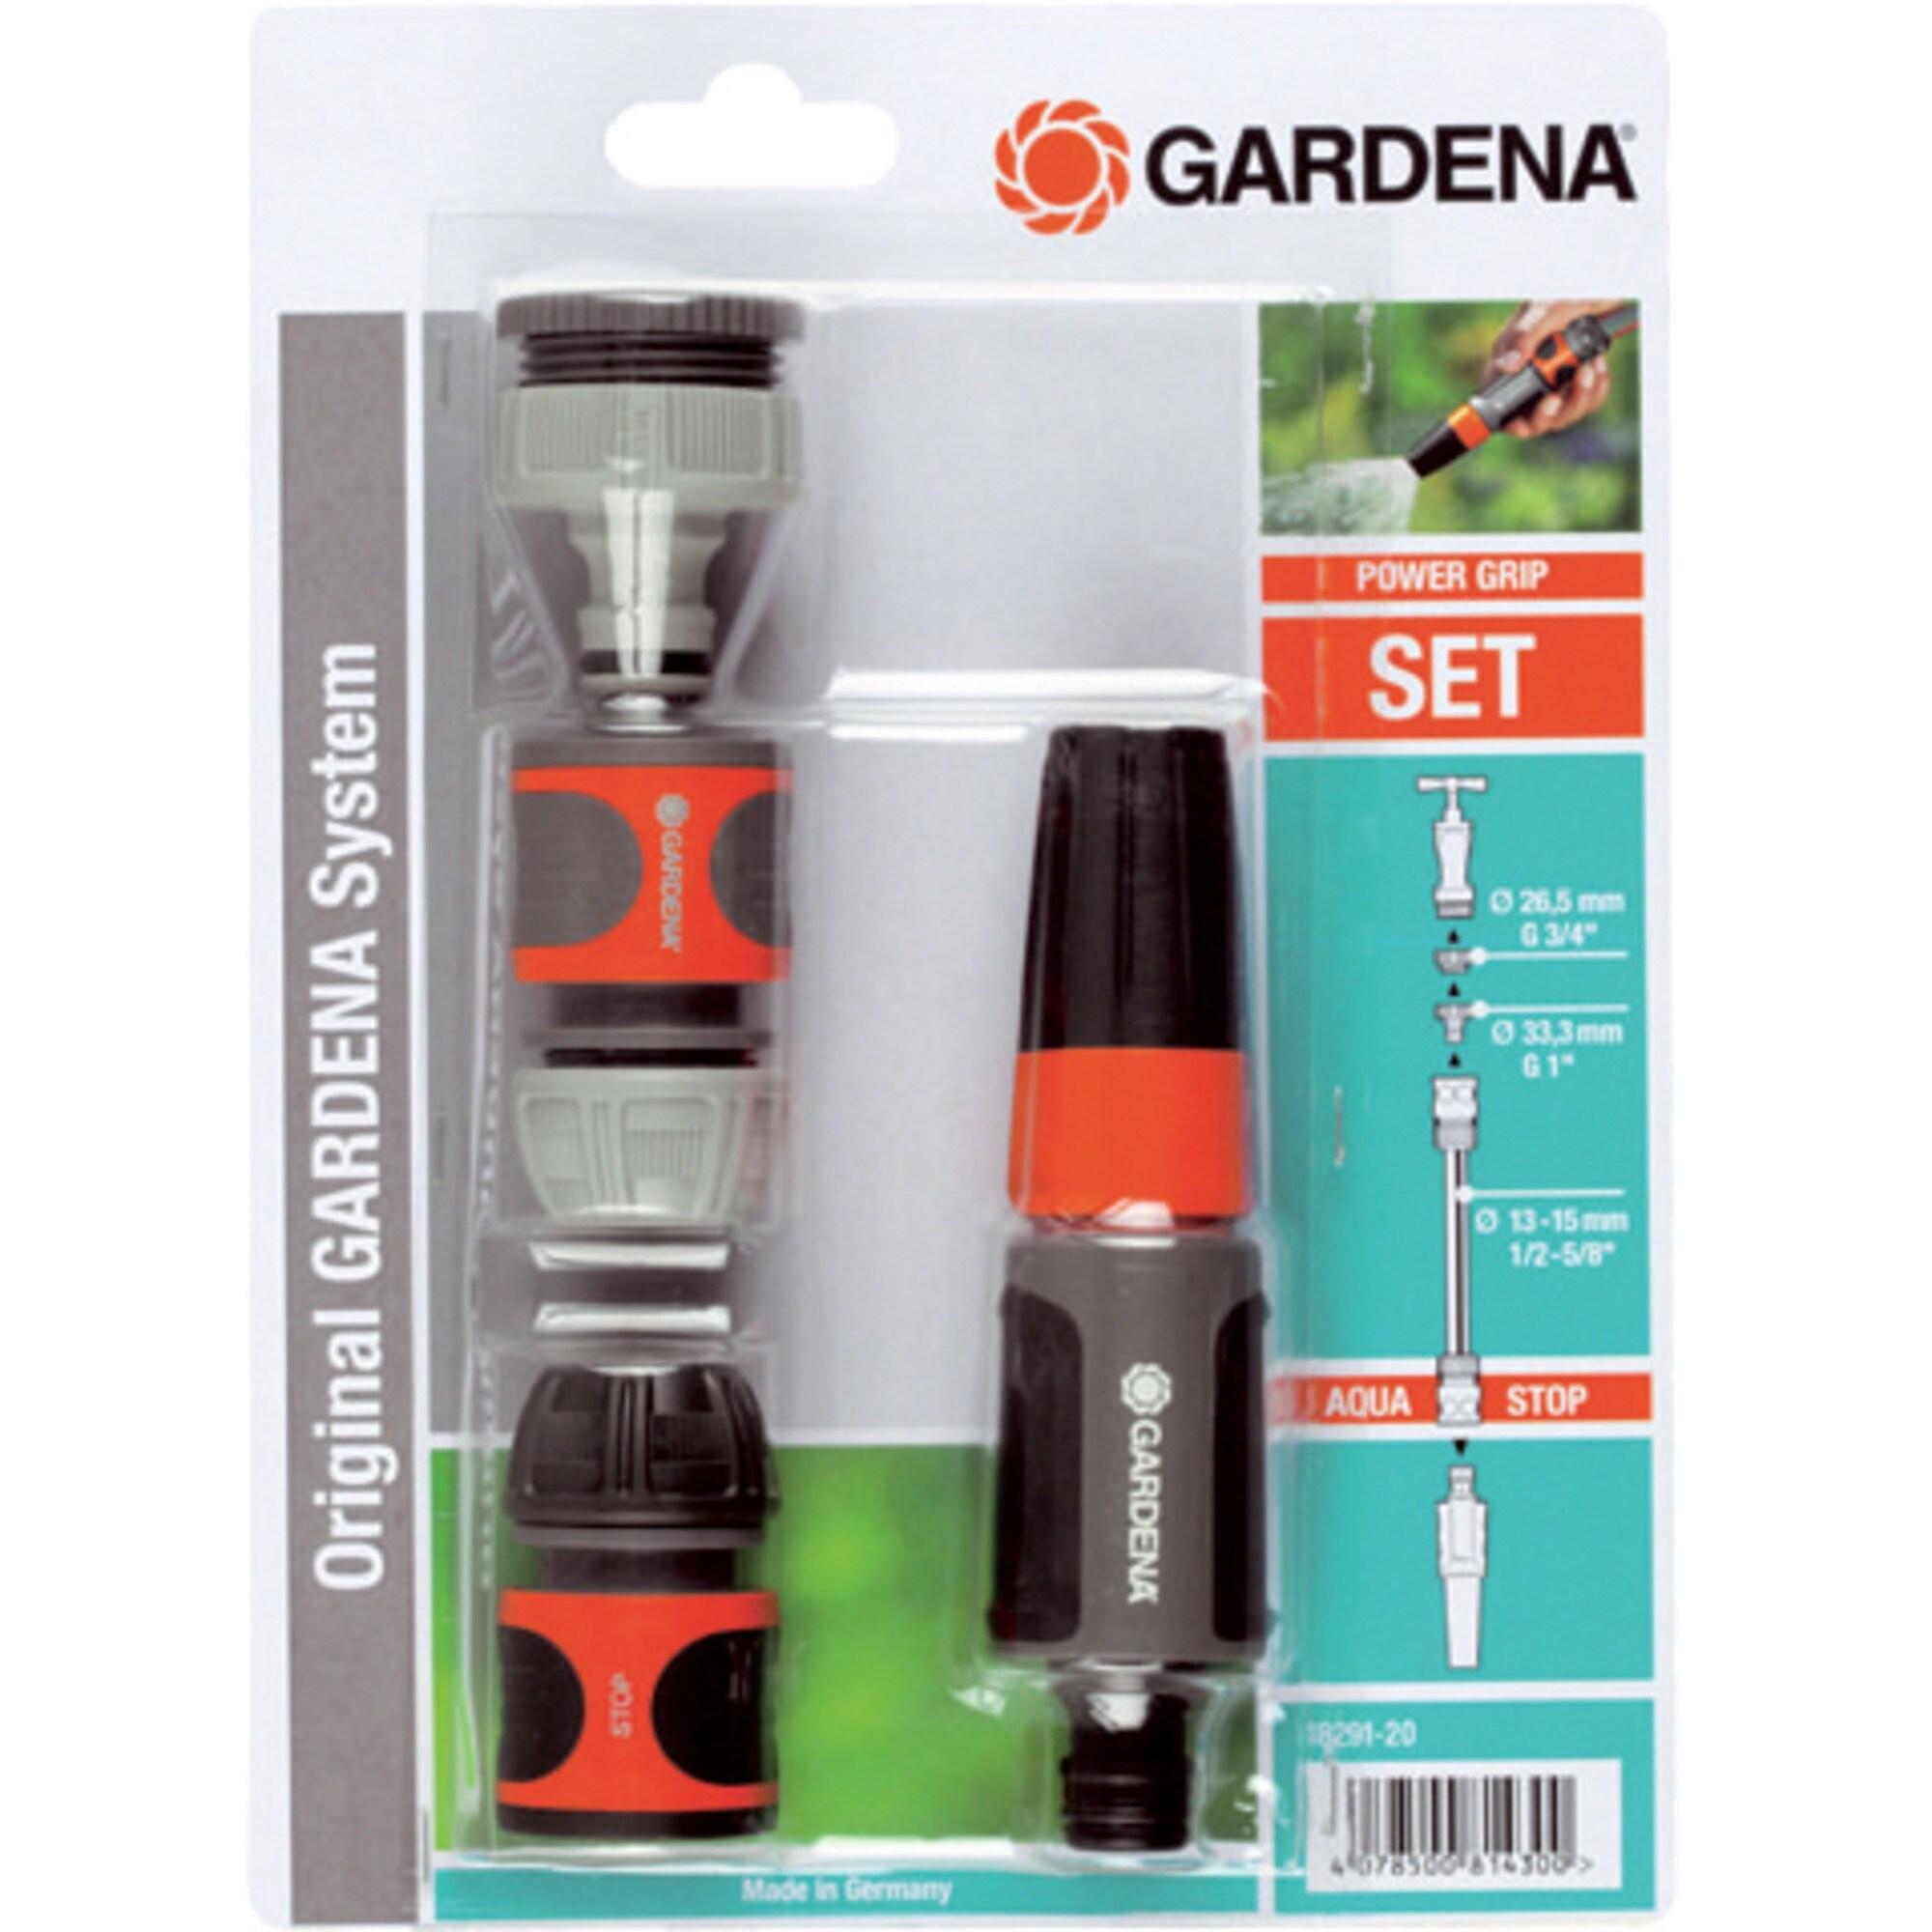 Gardena Spritze Grundausstattung